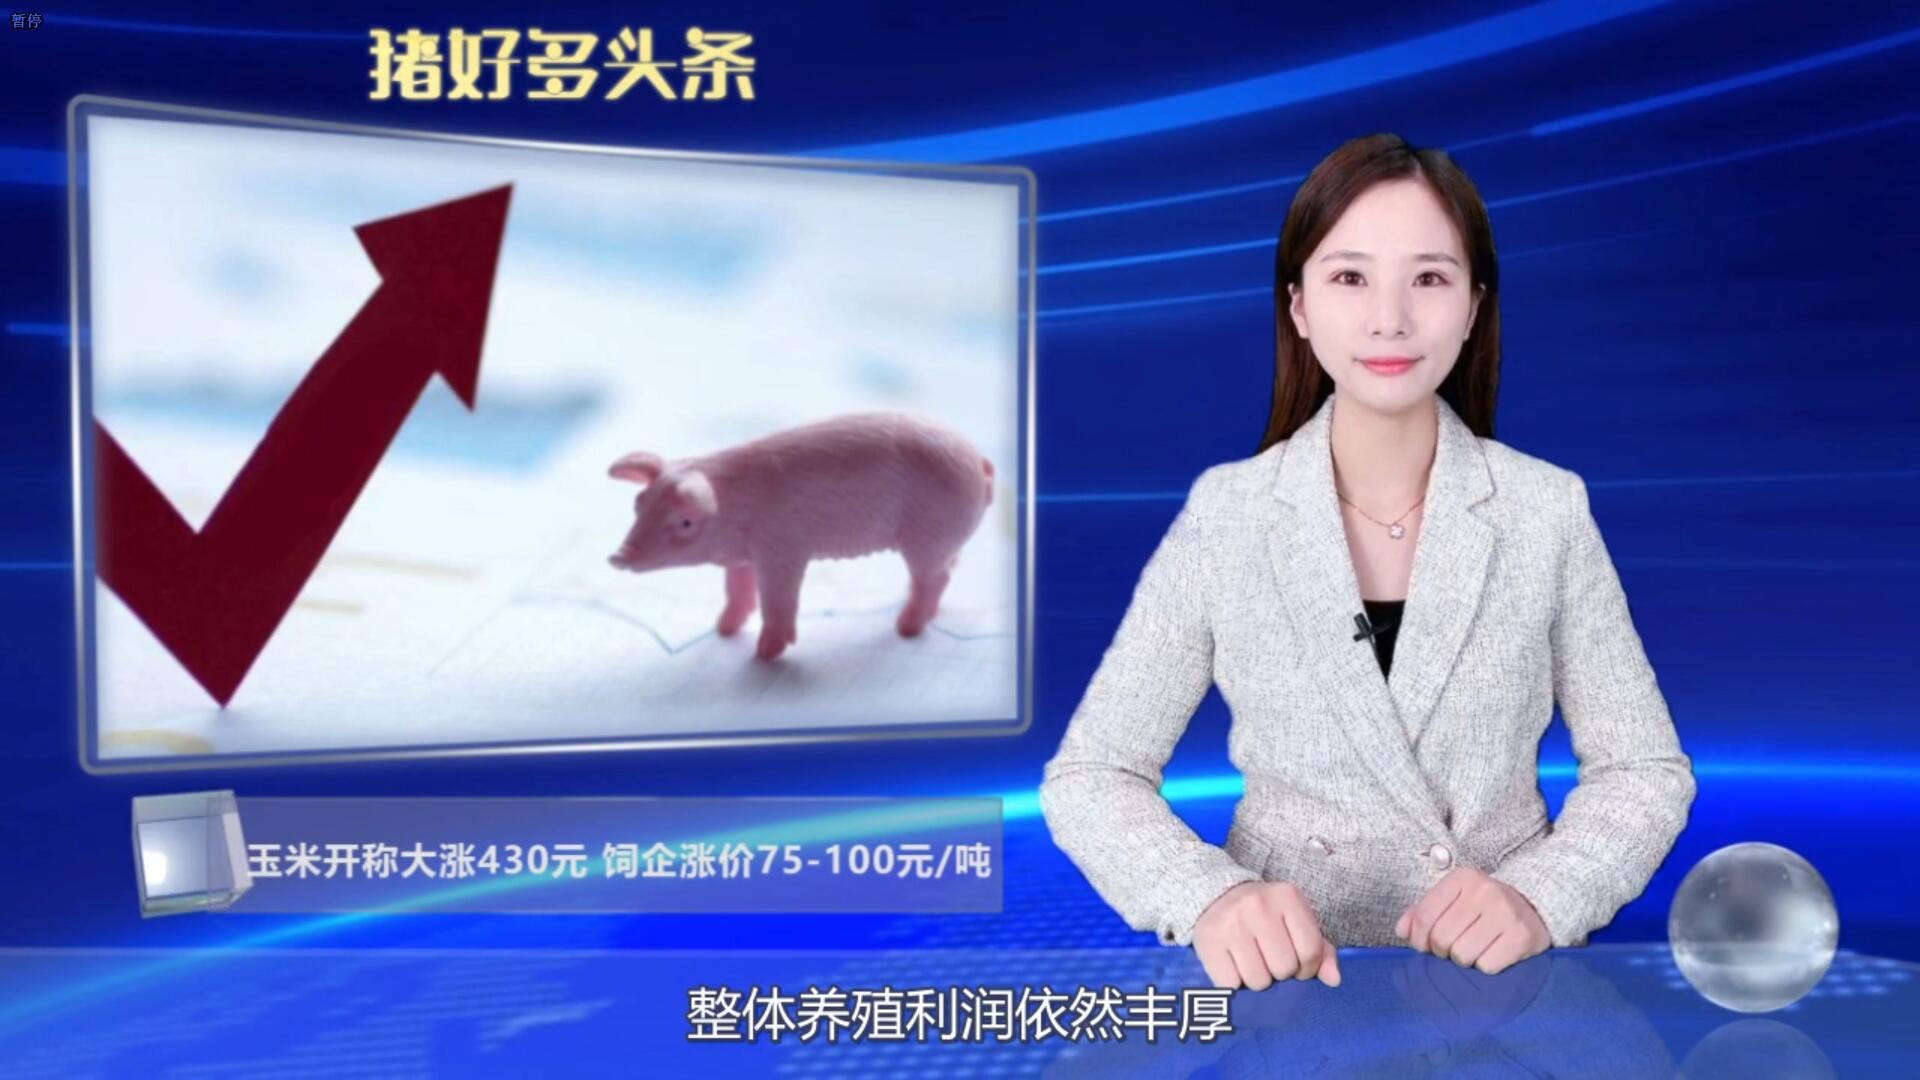 """玉米开秤价大涨430元,猪料涨价75-100元/吨,养殖利润""""缩水""""!"""